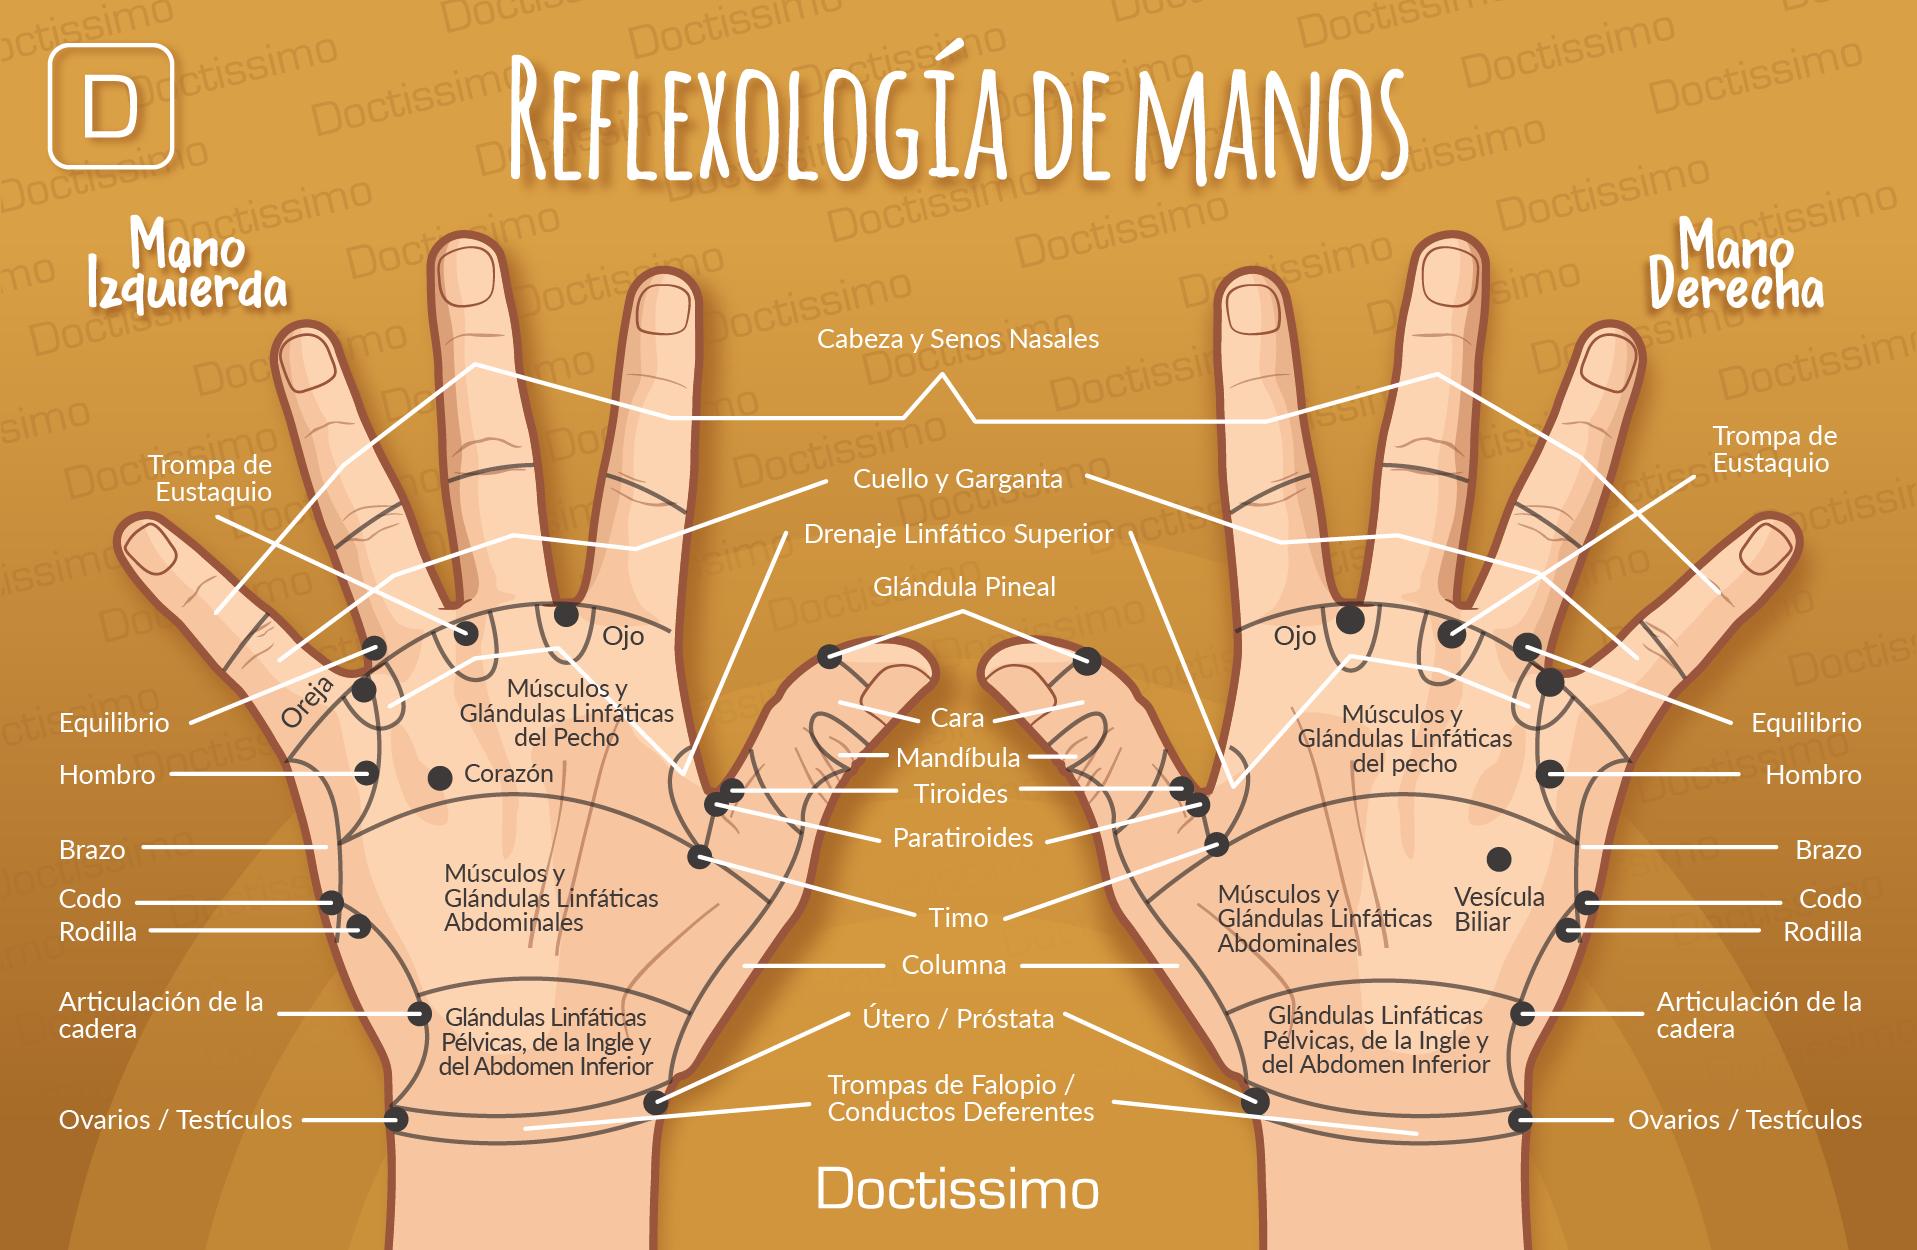 Reflexología de manos: hazlo tú mismo en 10 pasos.  #bienestar #reflexología #tranquilidad #estrés